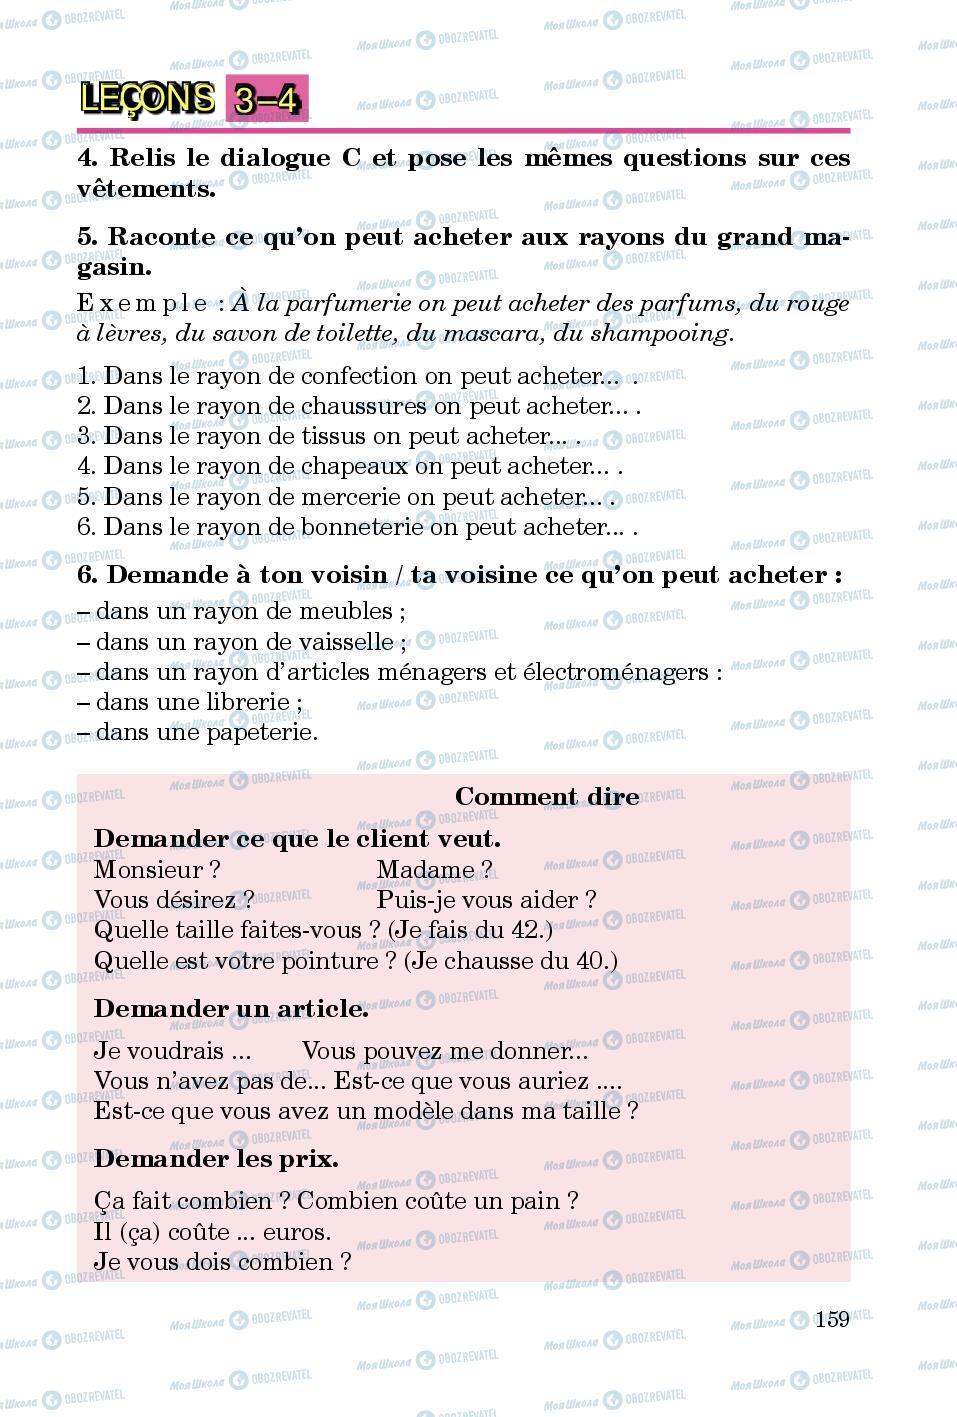 Підручники Французька мова 5 клас сторінка 159